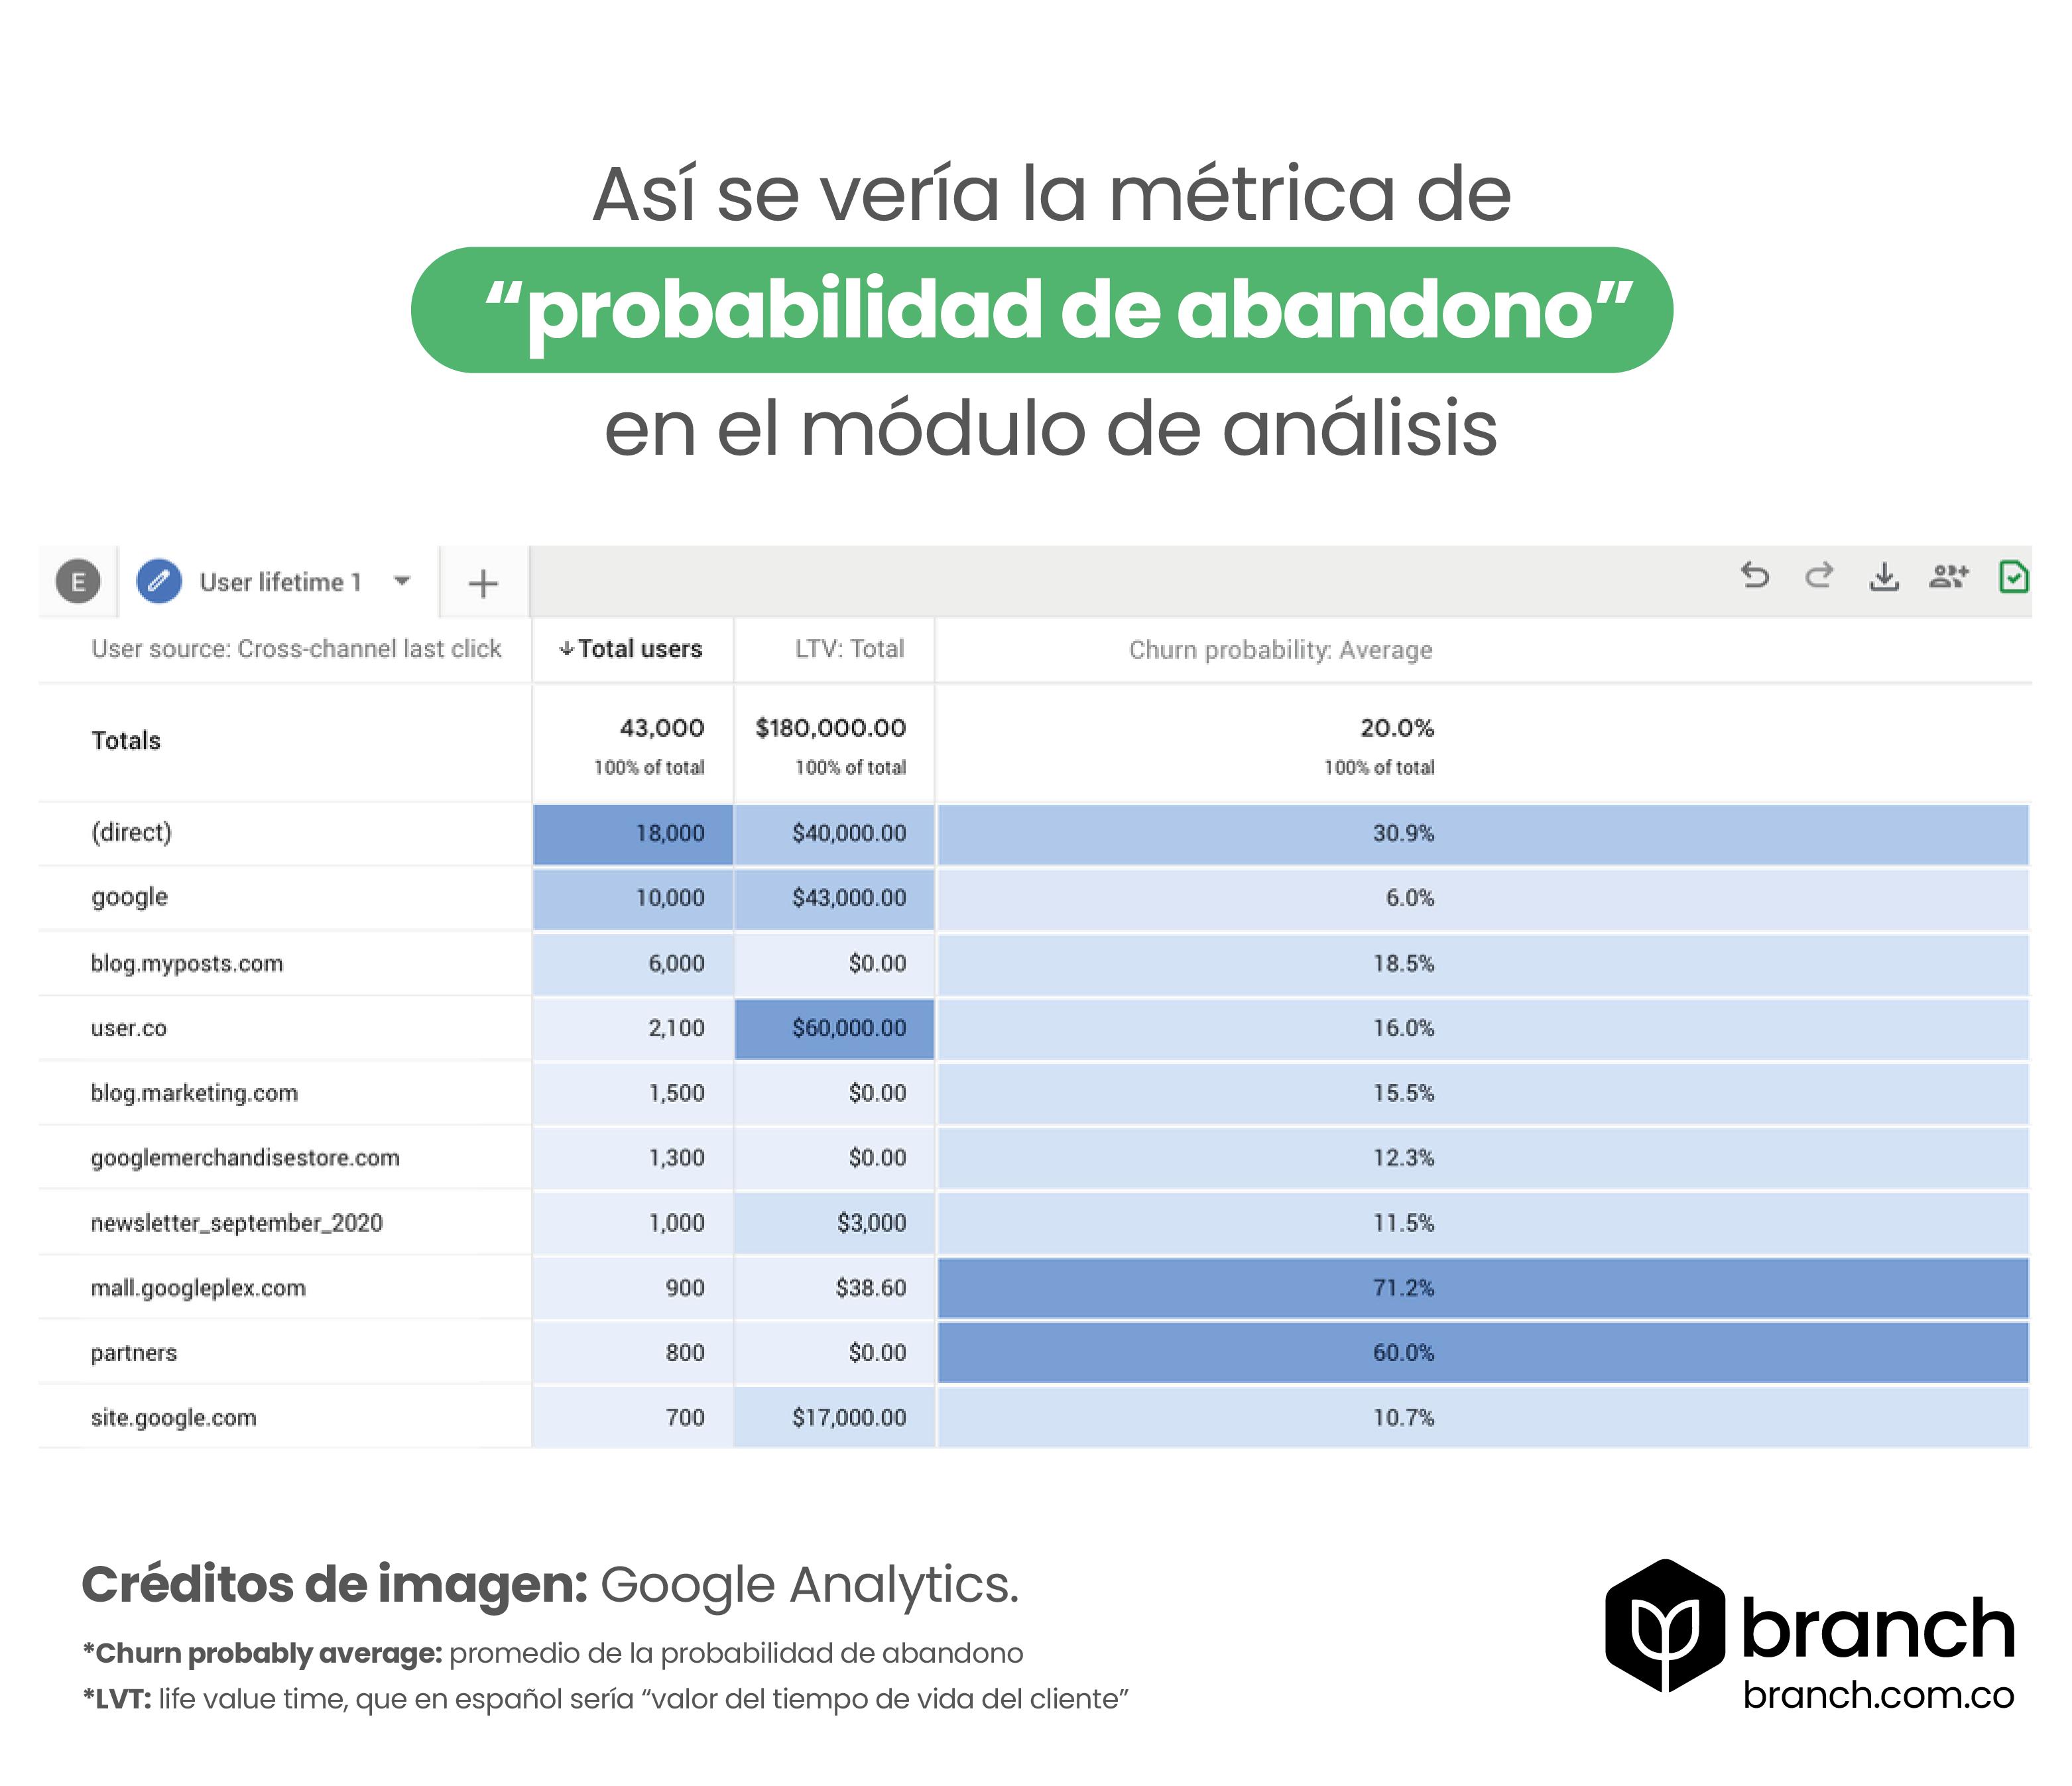 actualizaciones-de-google-analytics-octubre-2020.